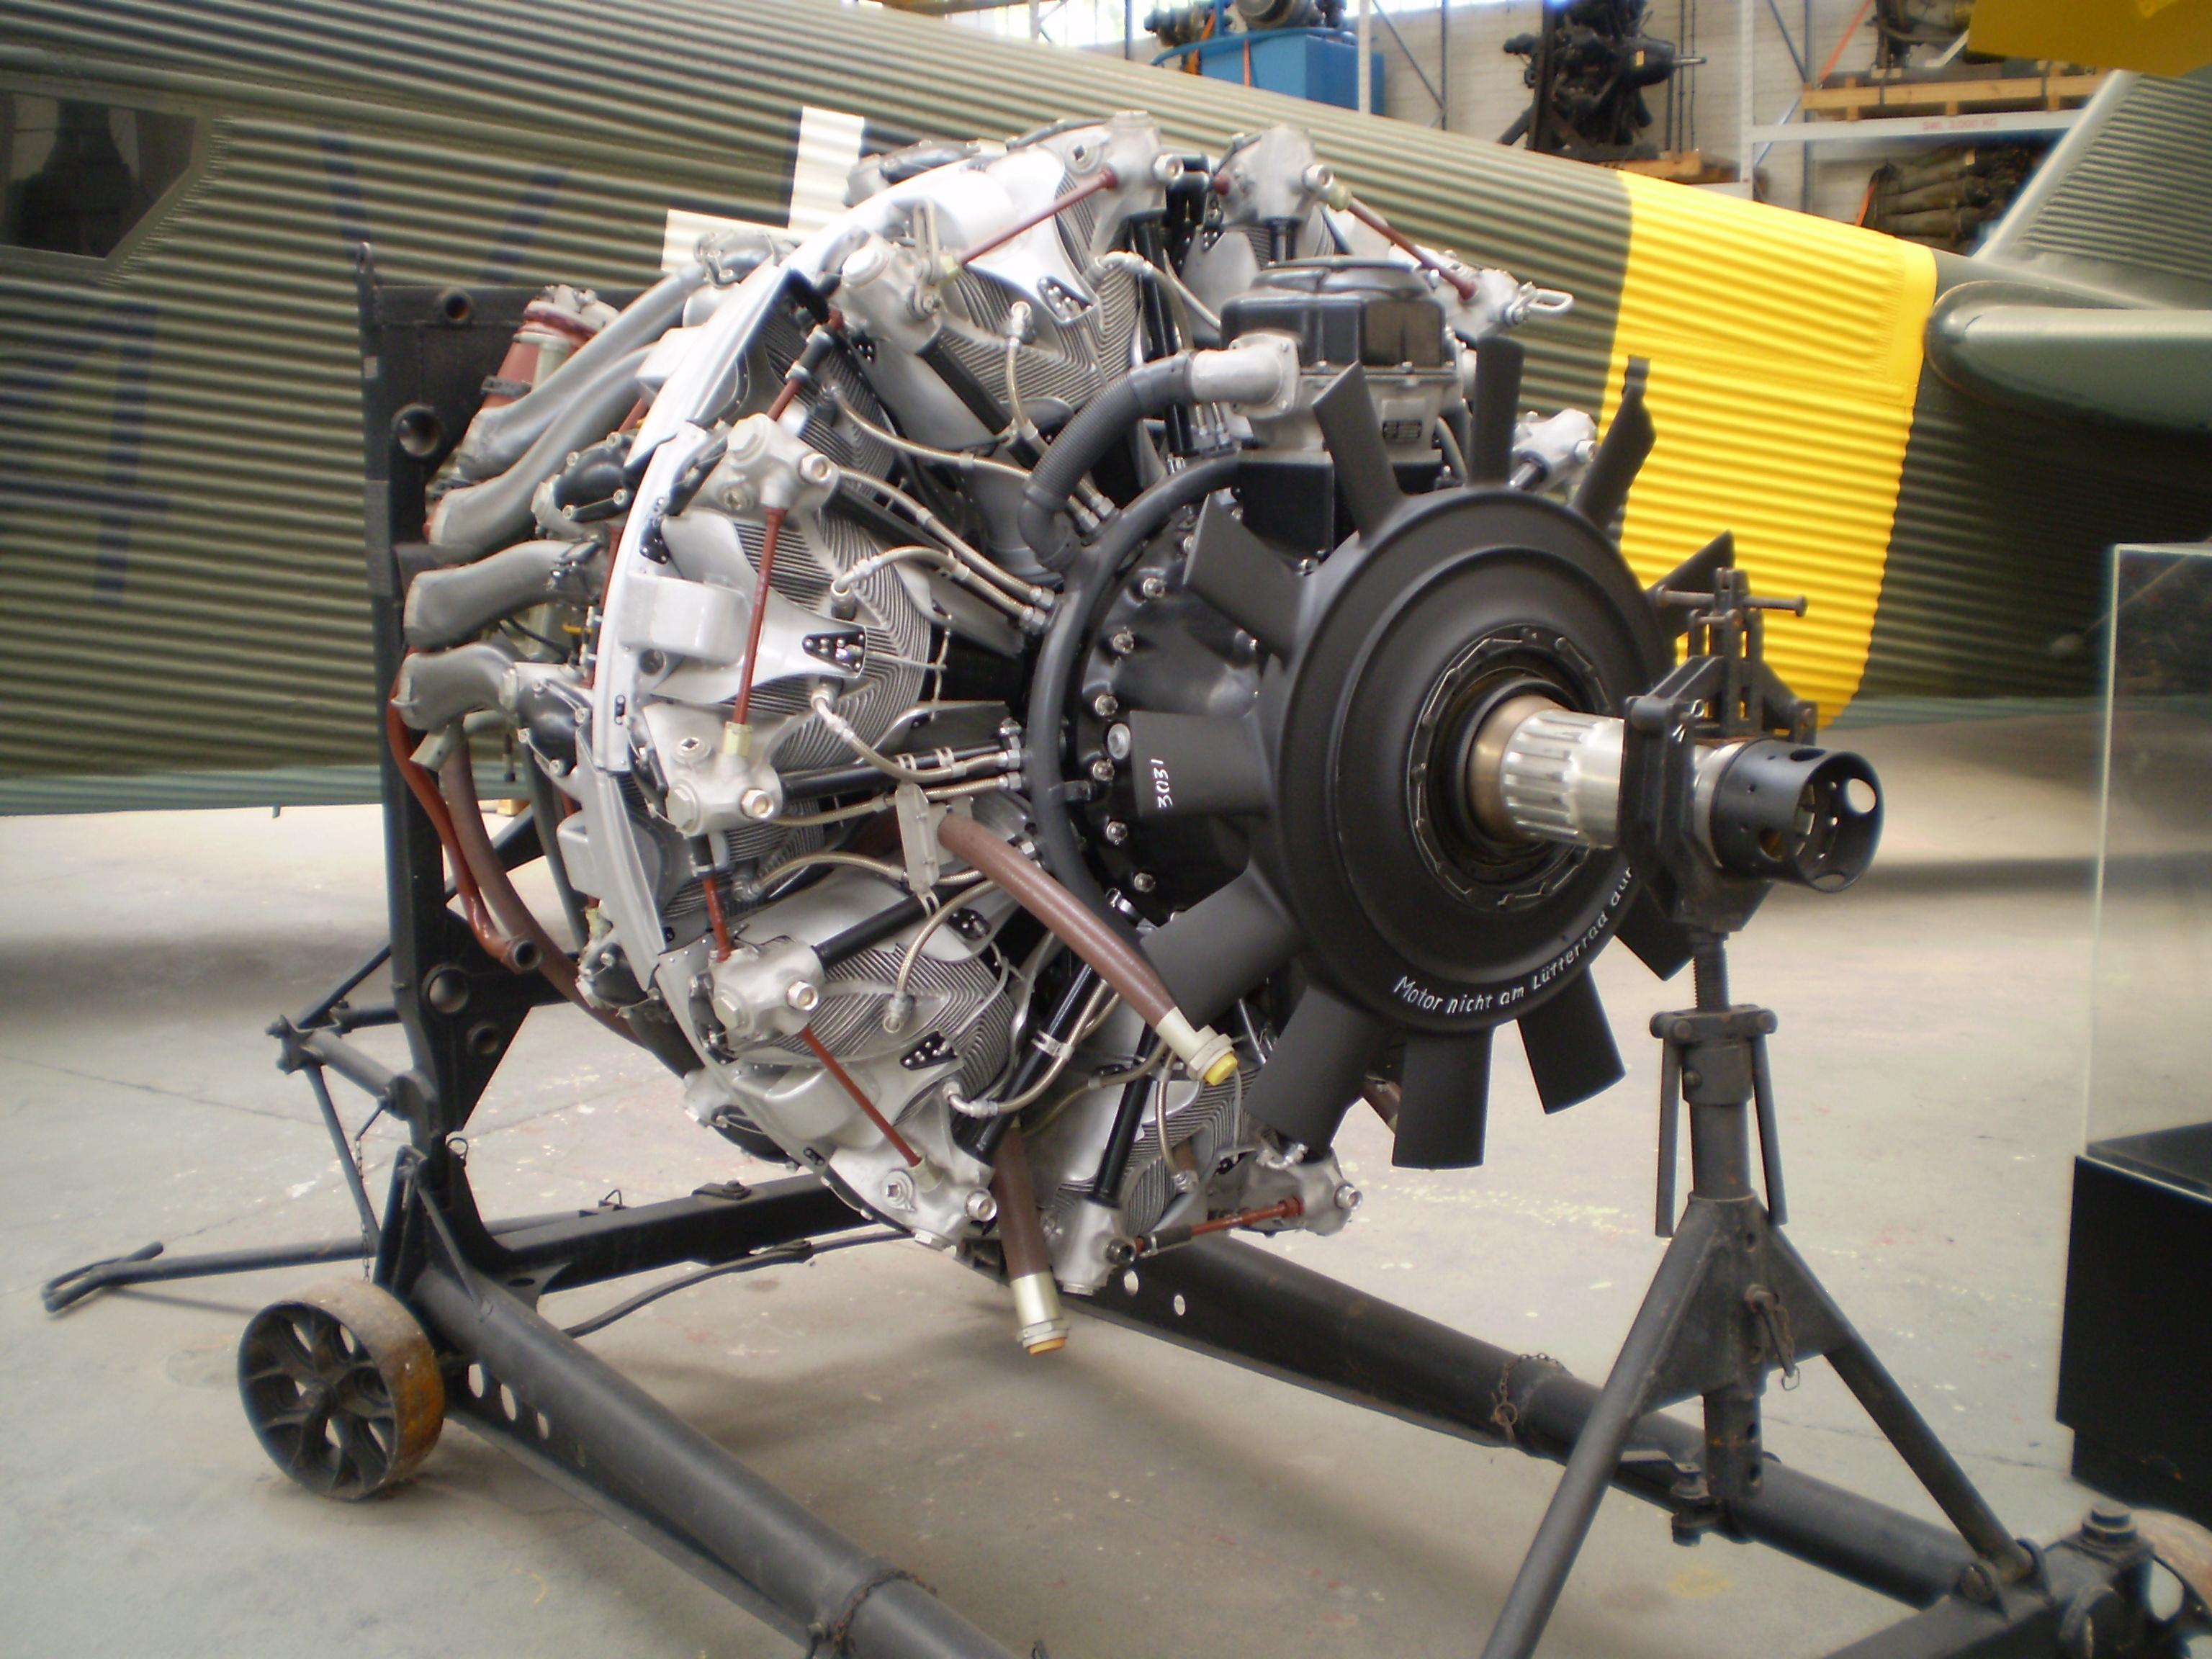 moteur bmw 801 d  londres   maquetland com   le monde de